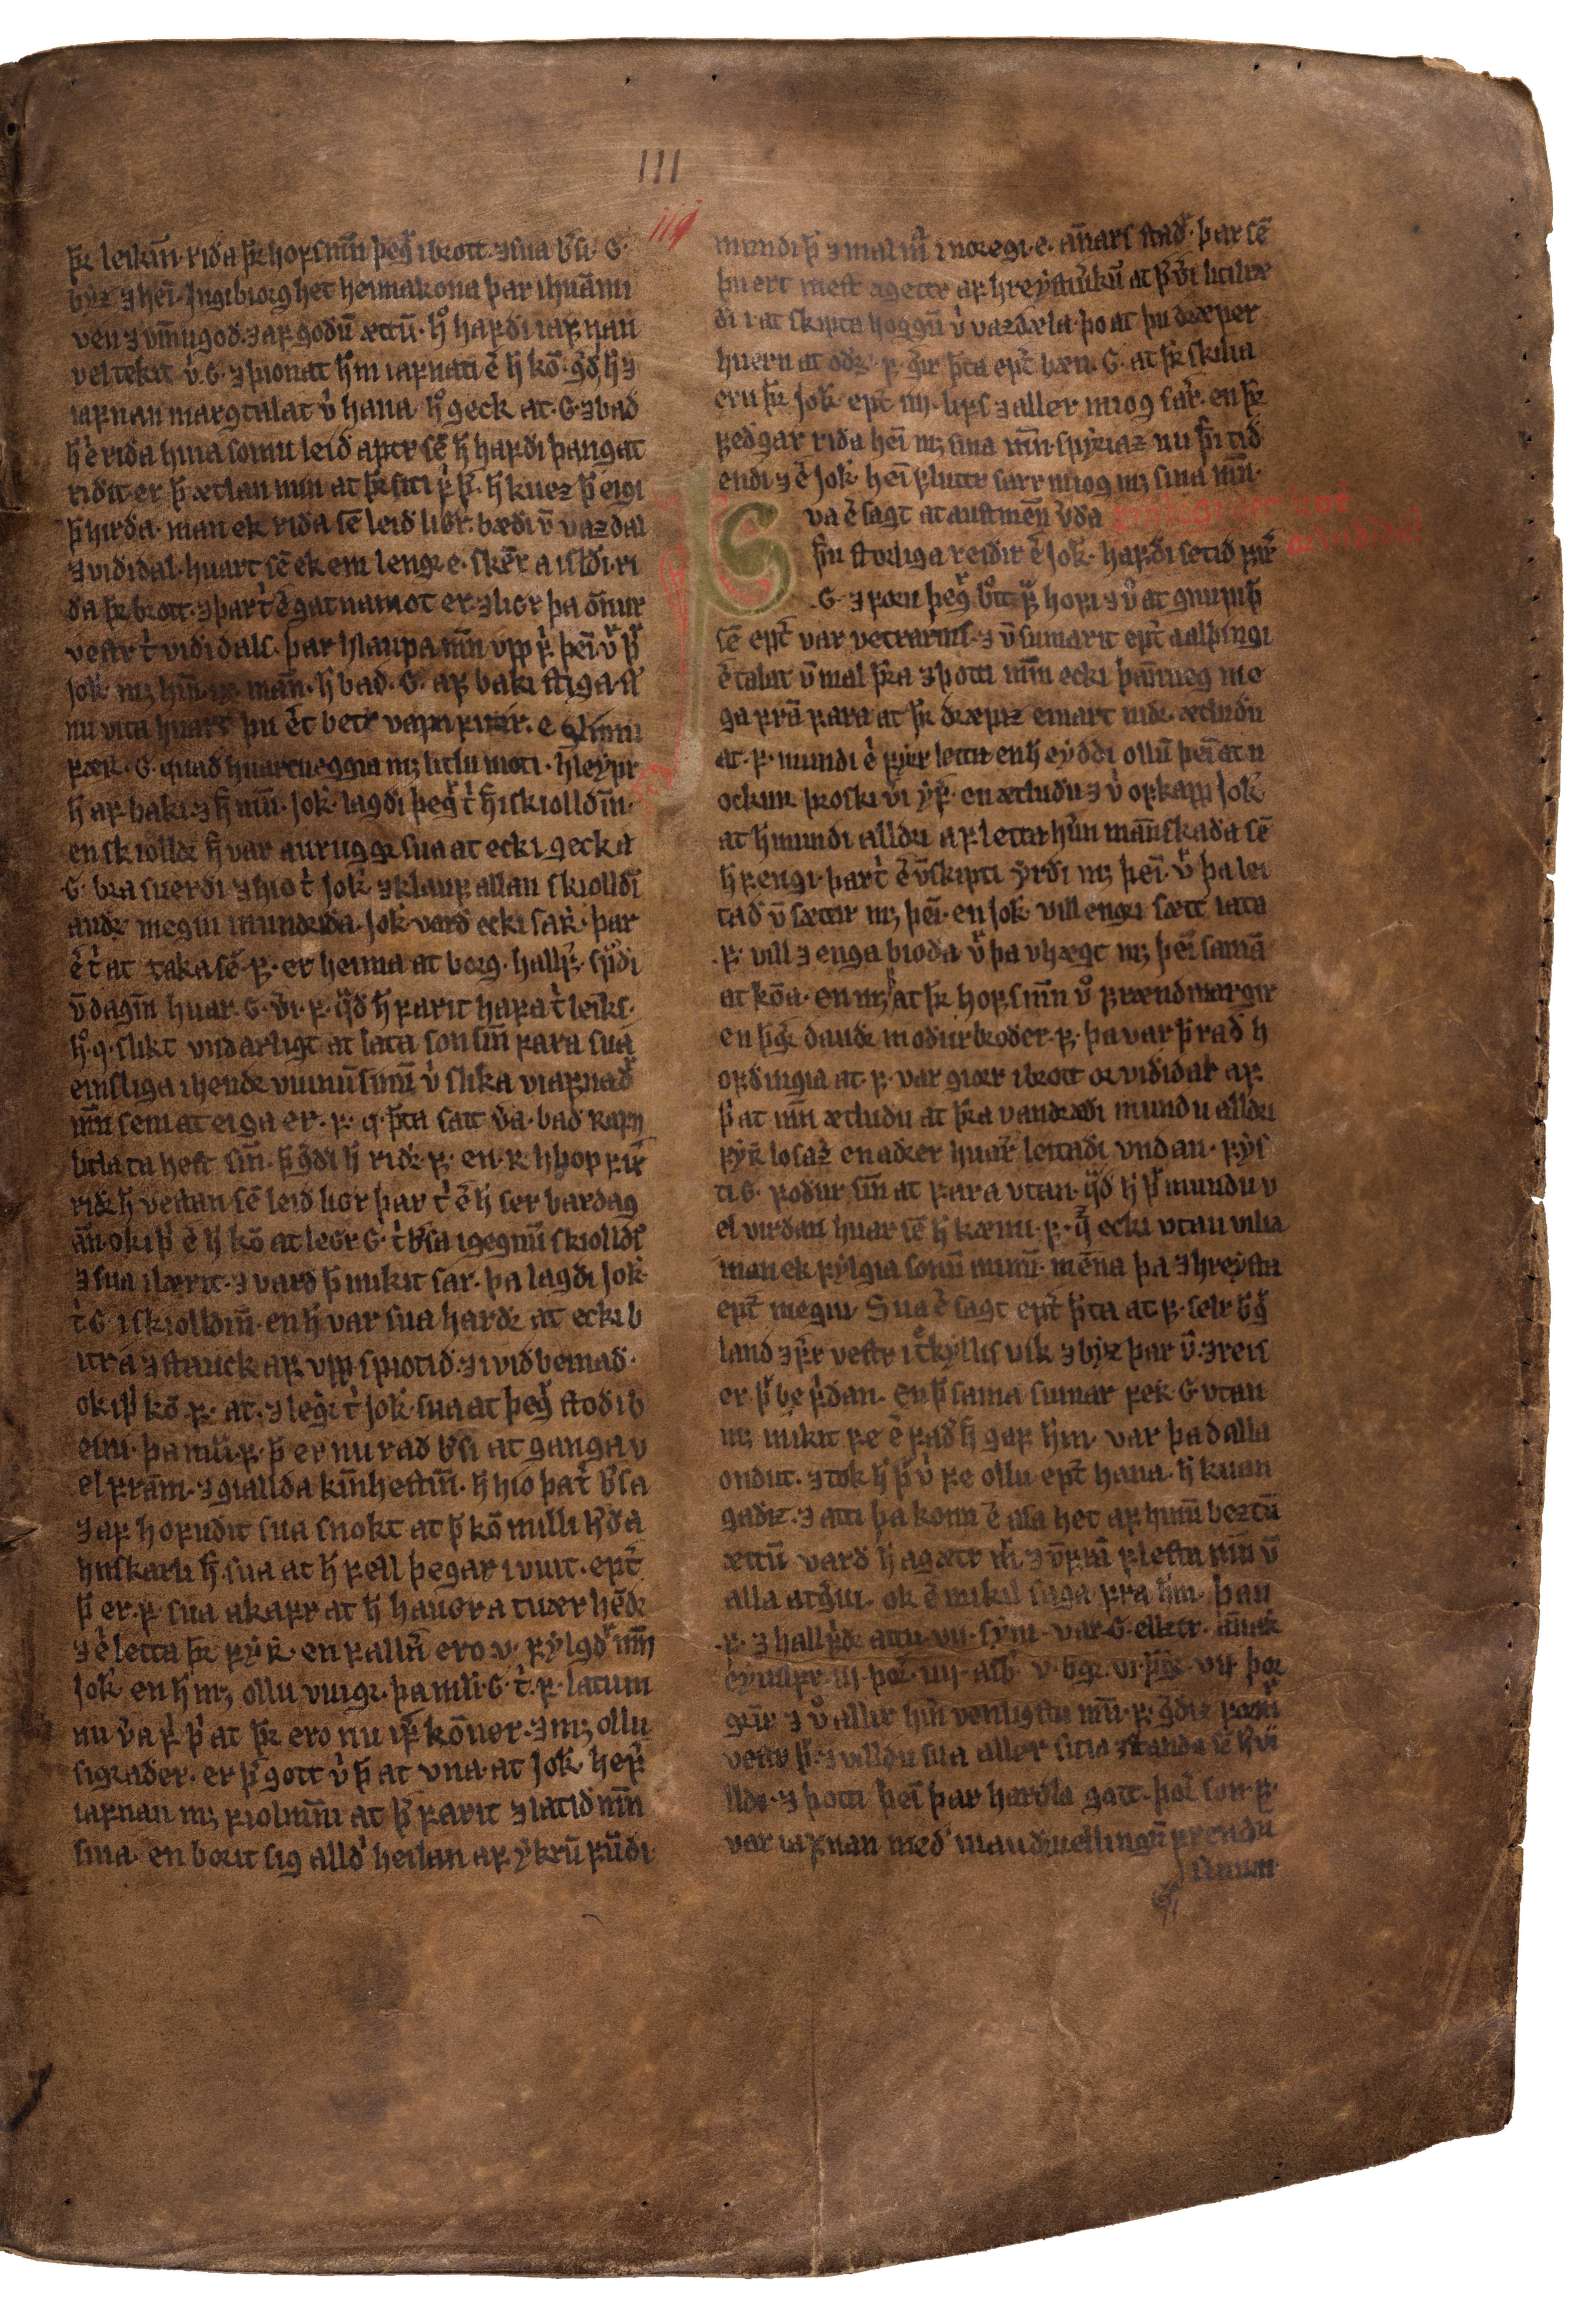 AM 132 fol - 111r